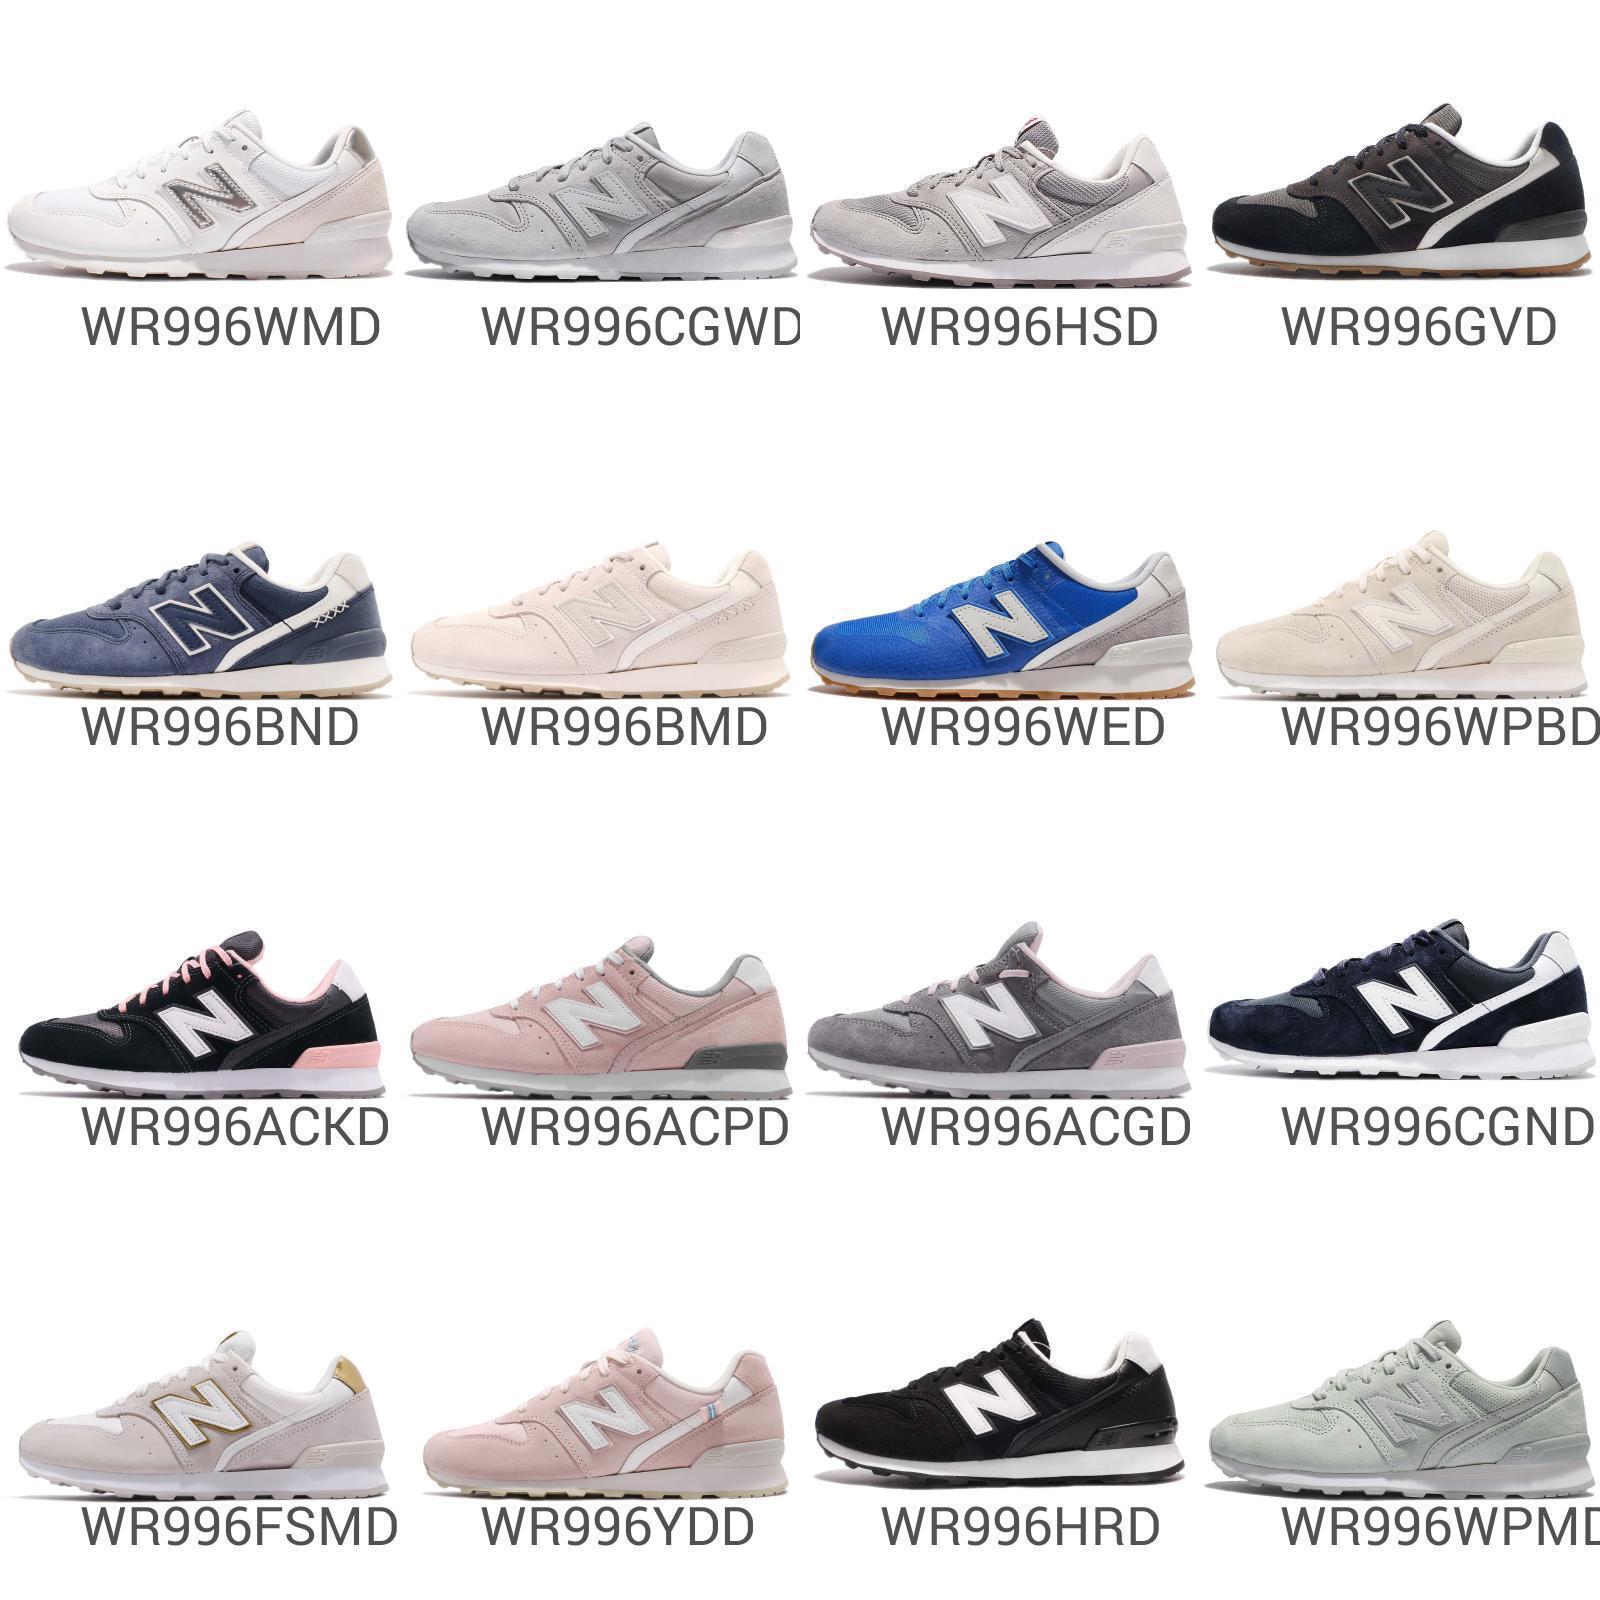 New balance WR996 D Ancho Ancho Ancho 996 Para Mujer Running Zapatos Tenis Estilo de vida Pick 1  el mas reciente